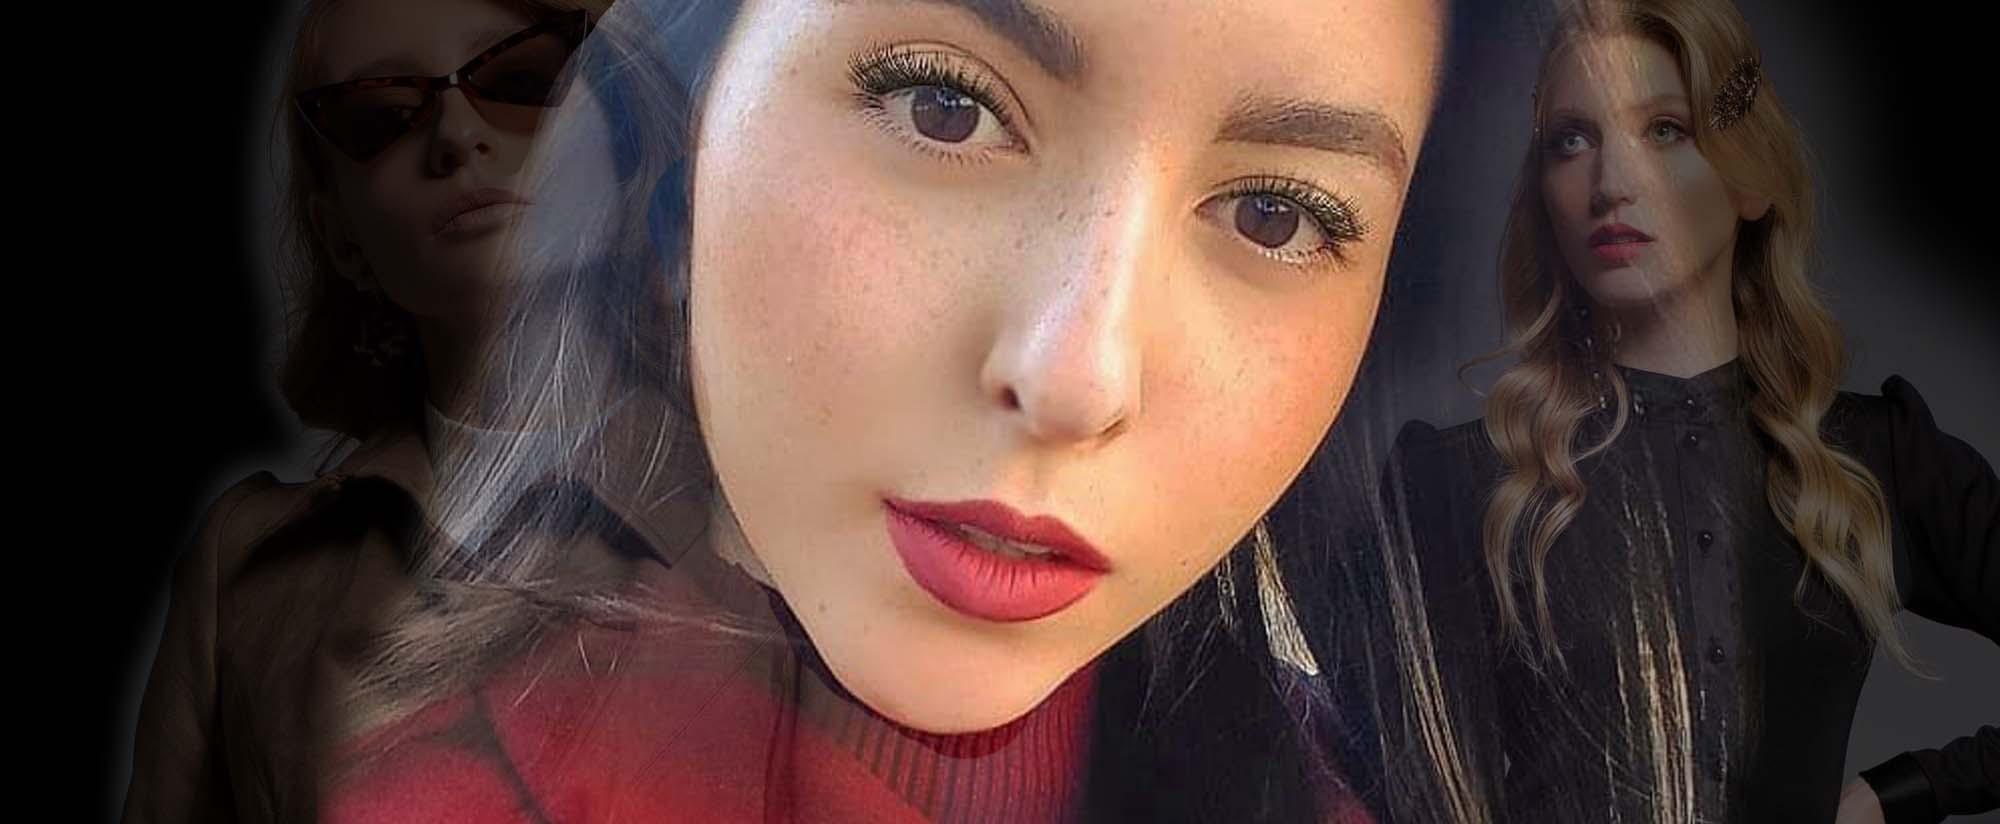 שילת אליאב, מגזין אופנה ישראלי